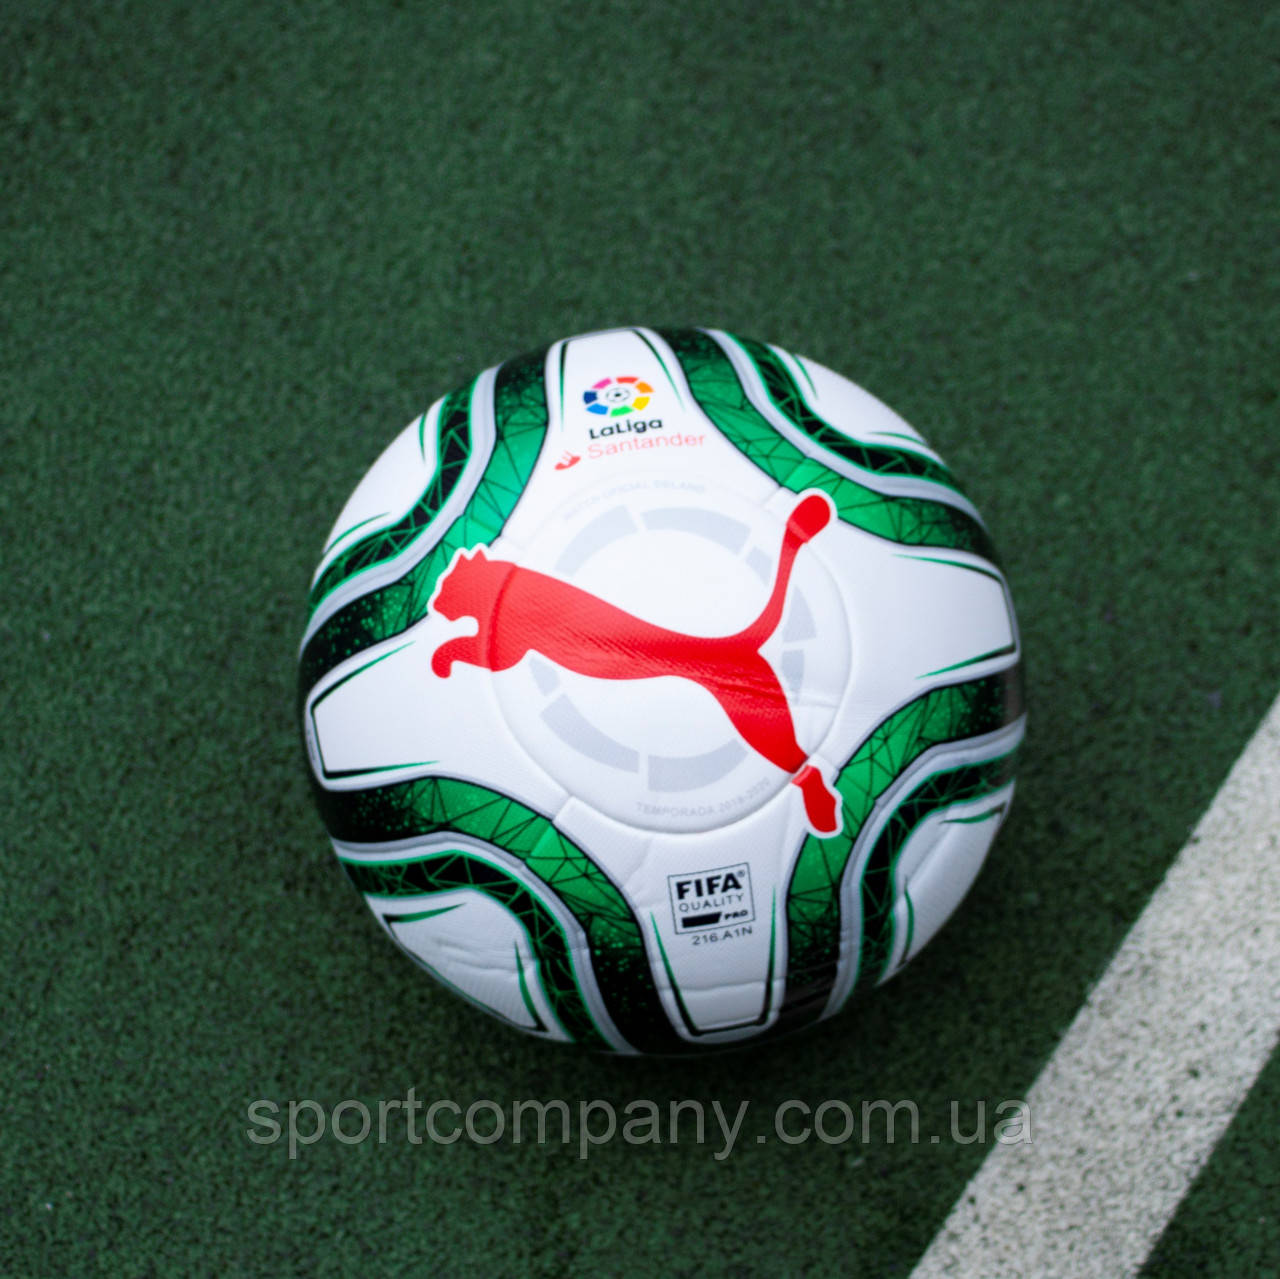 Футбольный мяч Puma LaLiga 1 FIFA Quality Pro 01